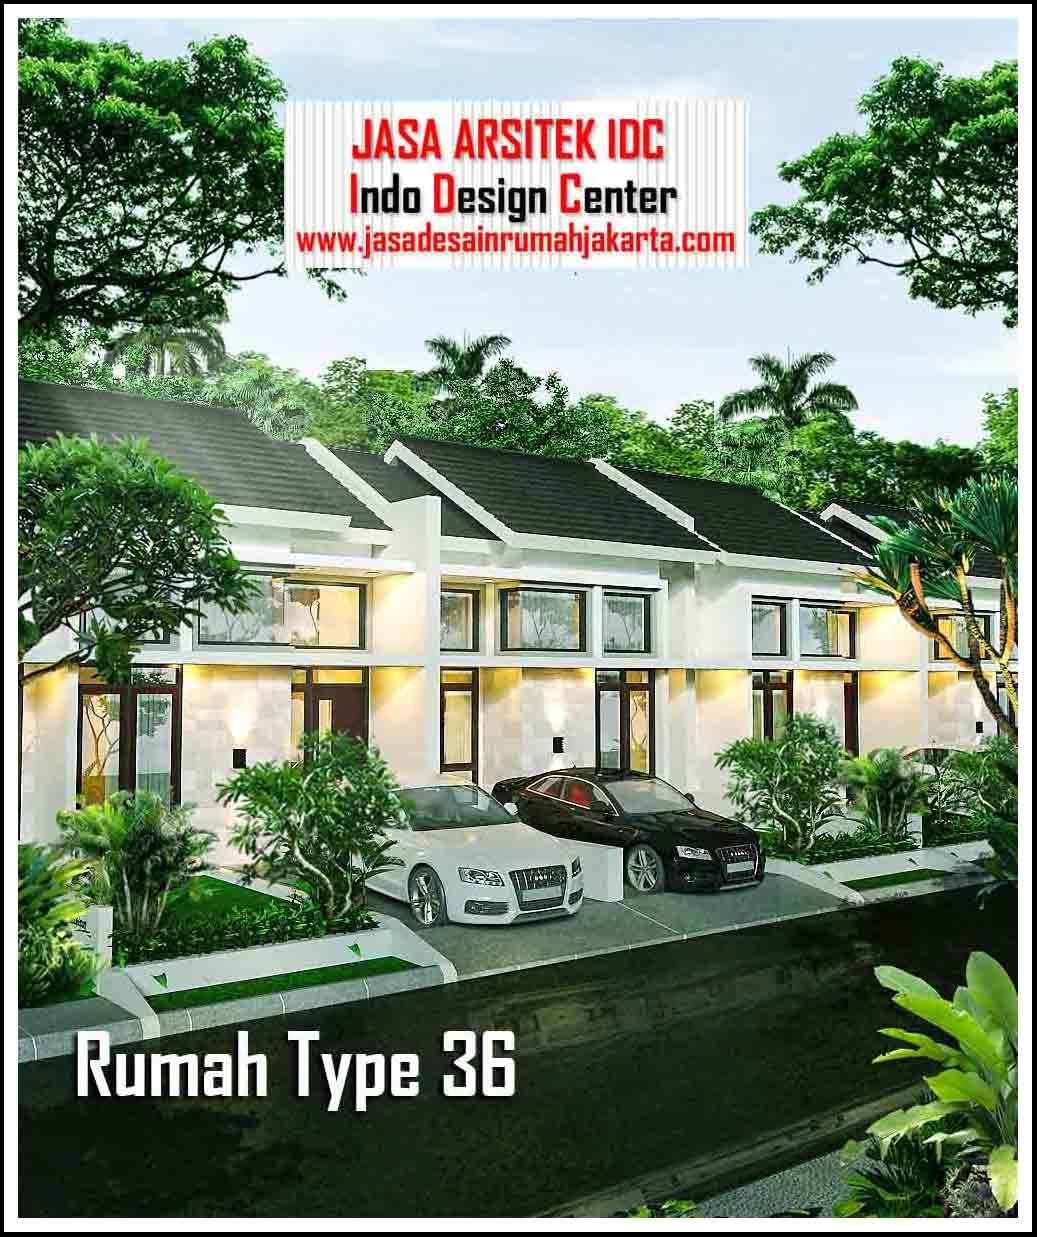 Kumpulan Desain Rumah 1 Lantai - Jasa Desain Rumah Jakarta ...